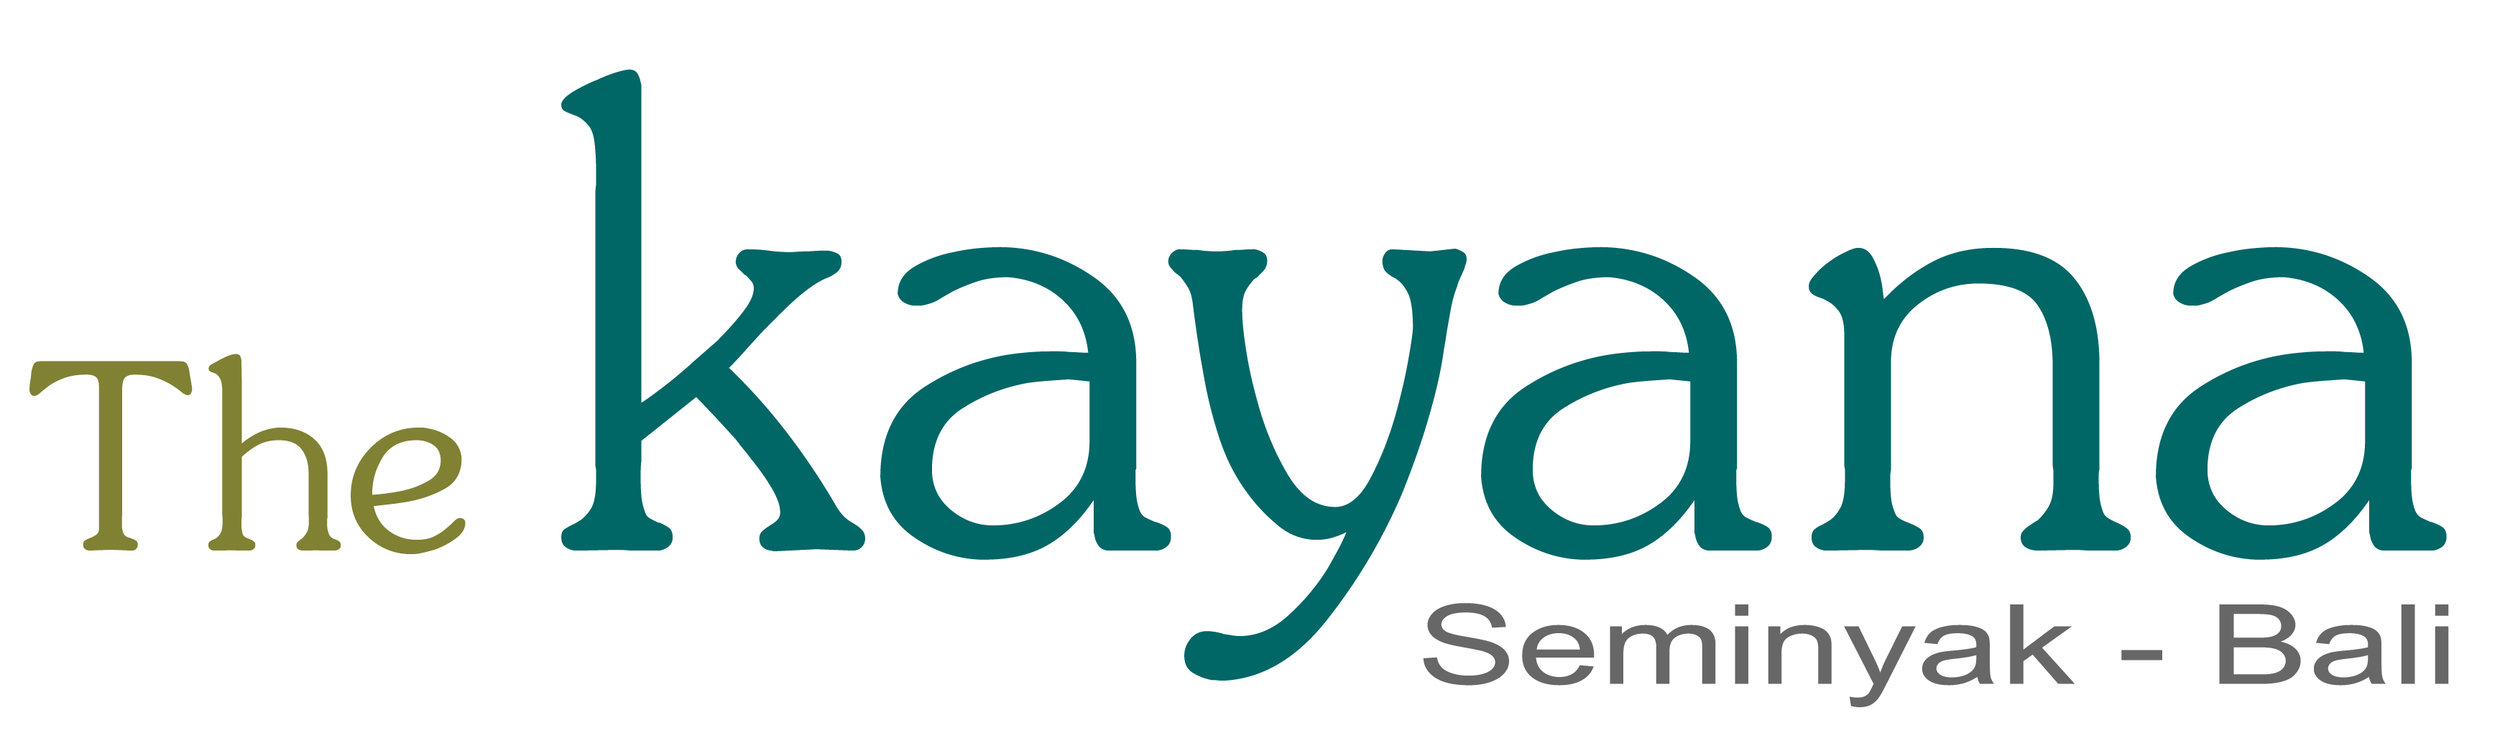 The-Kayana-logo.jpg